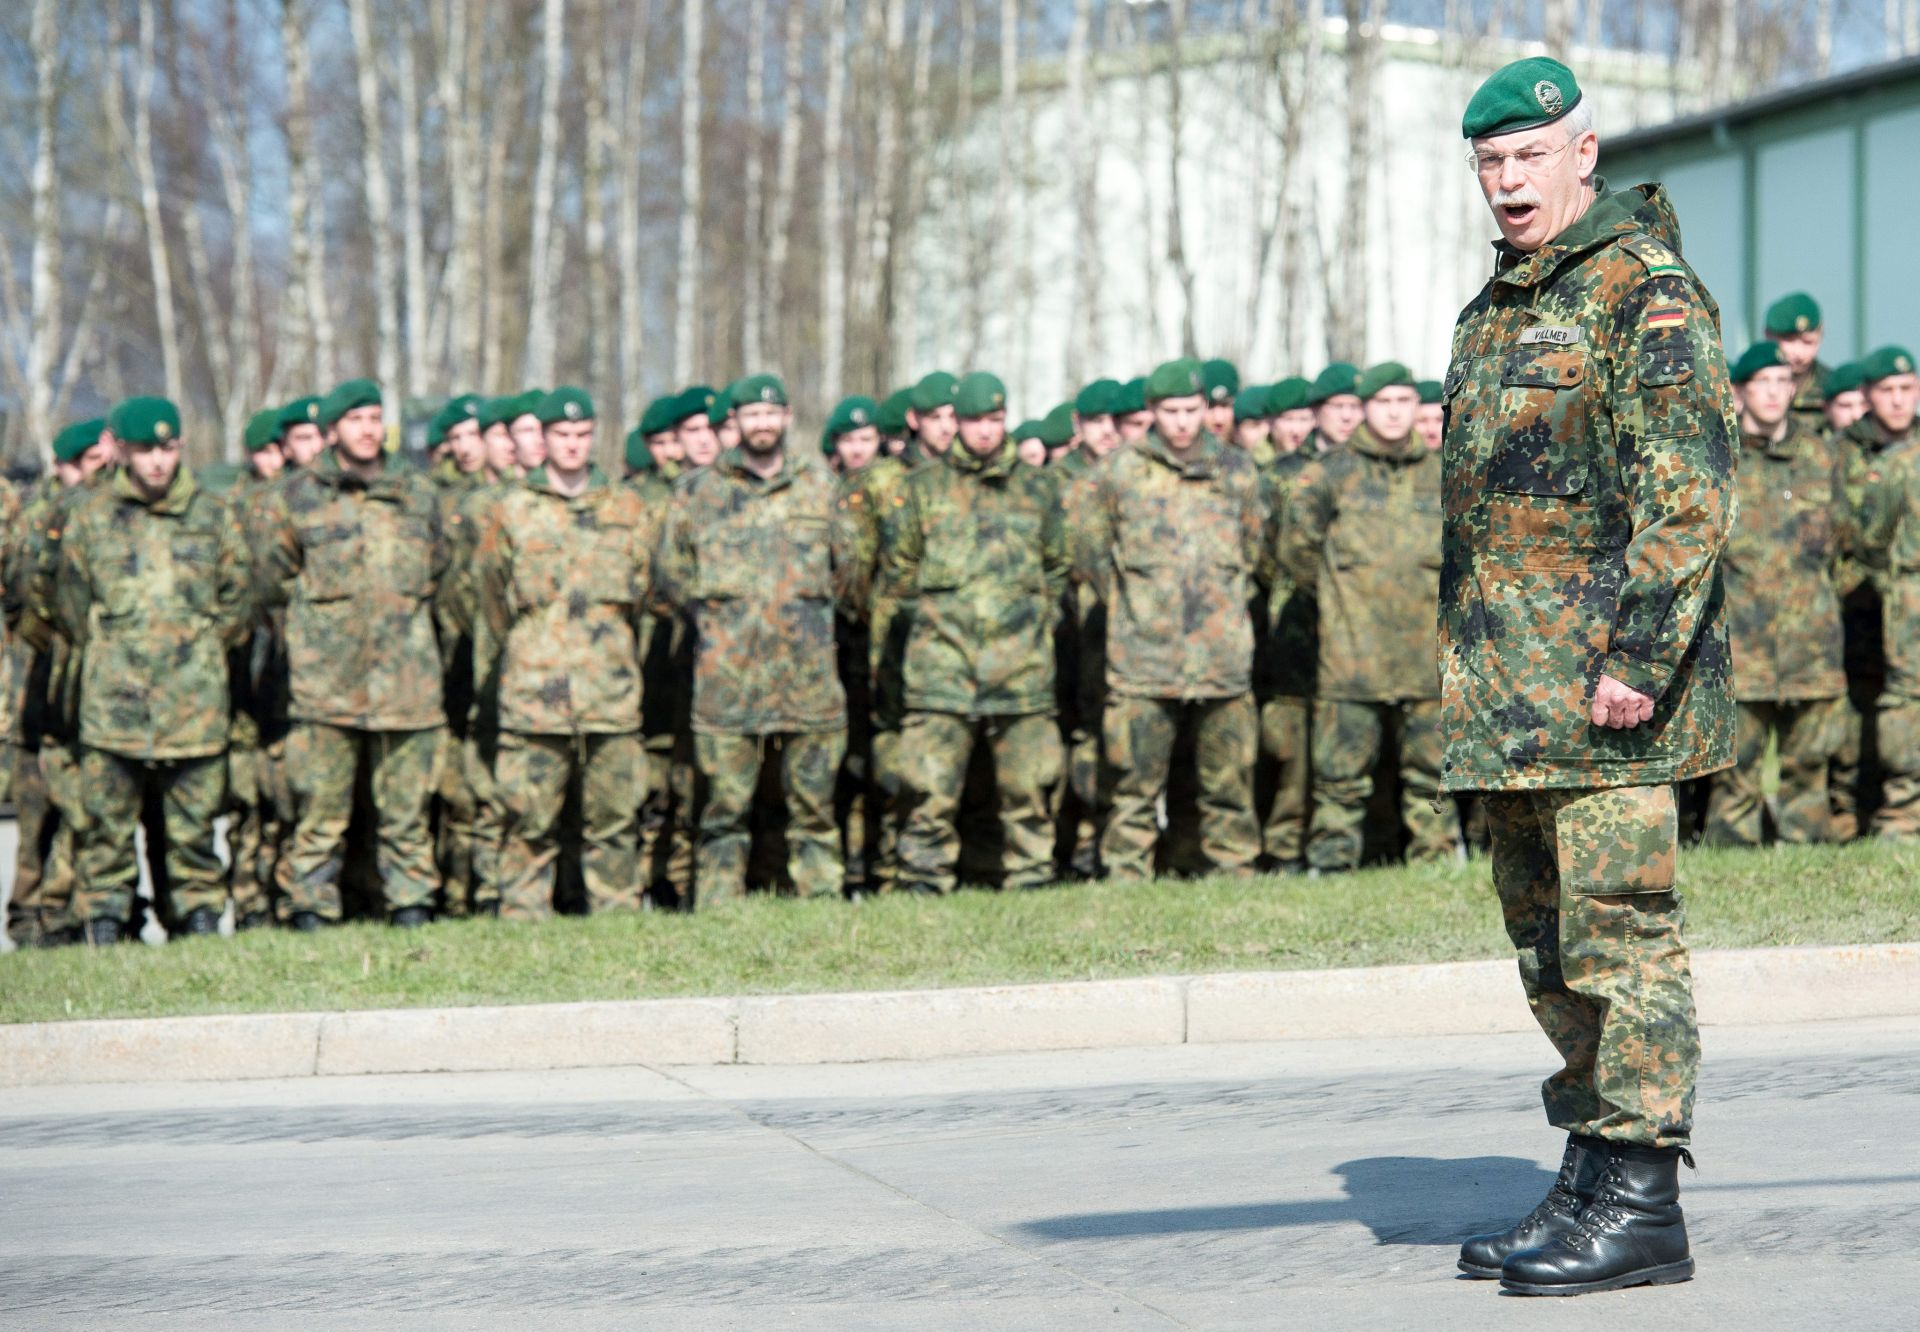 NJEMAČKA 'Bundeswehr u lošem stanju'